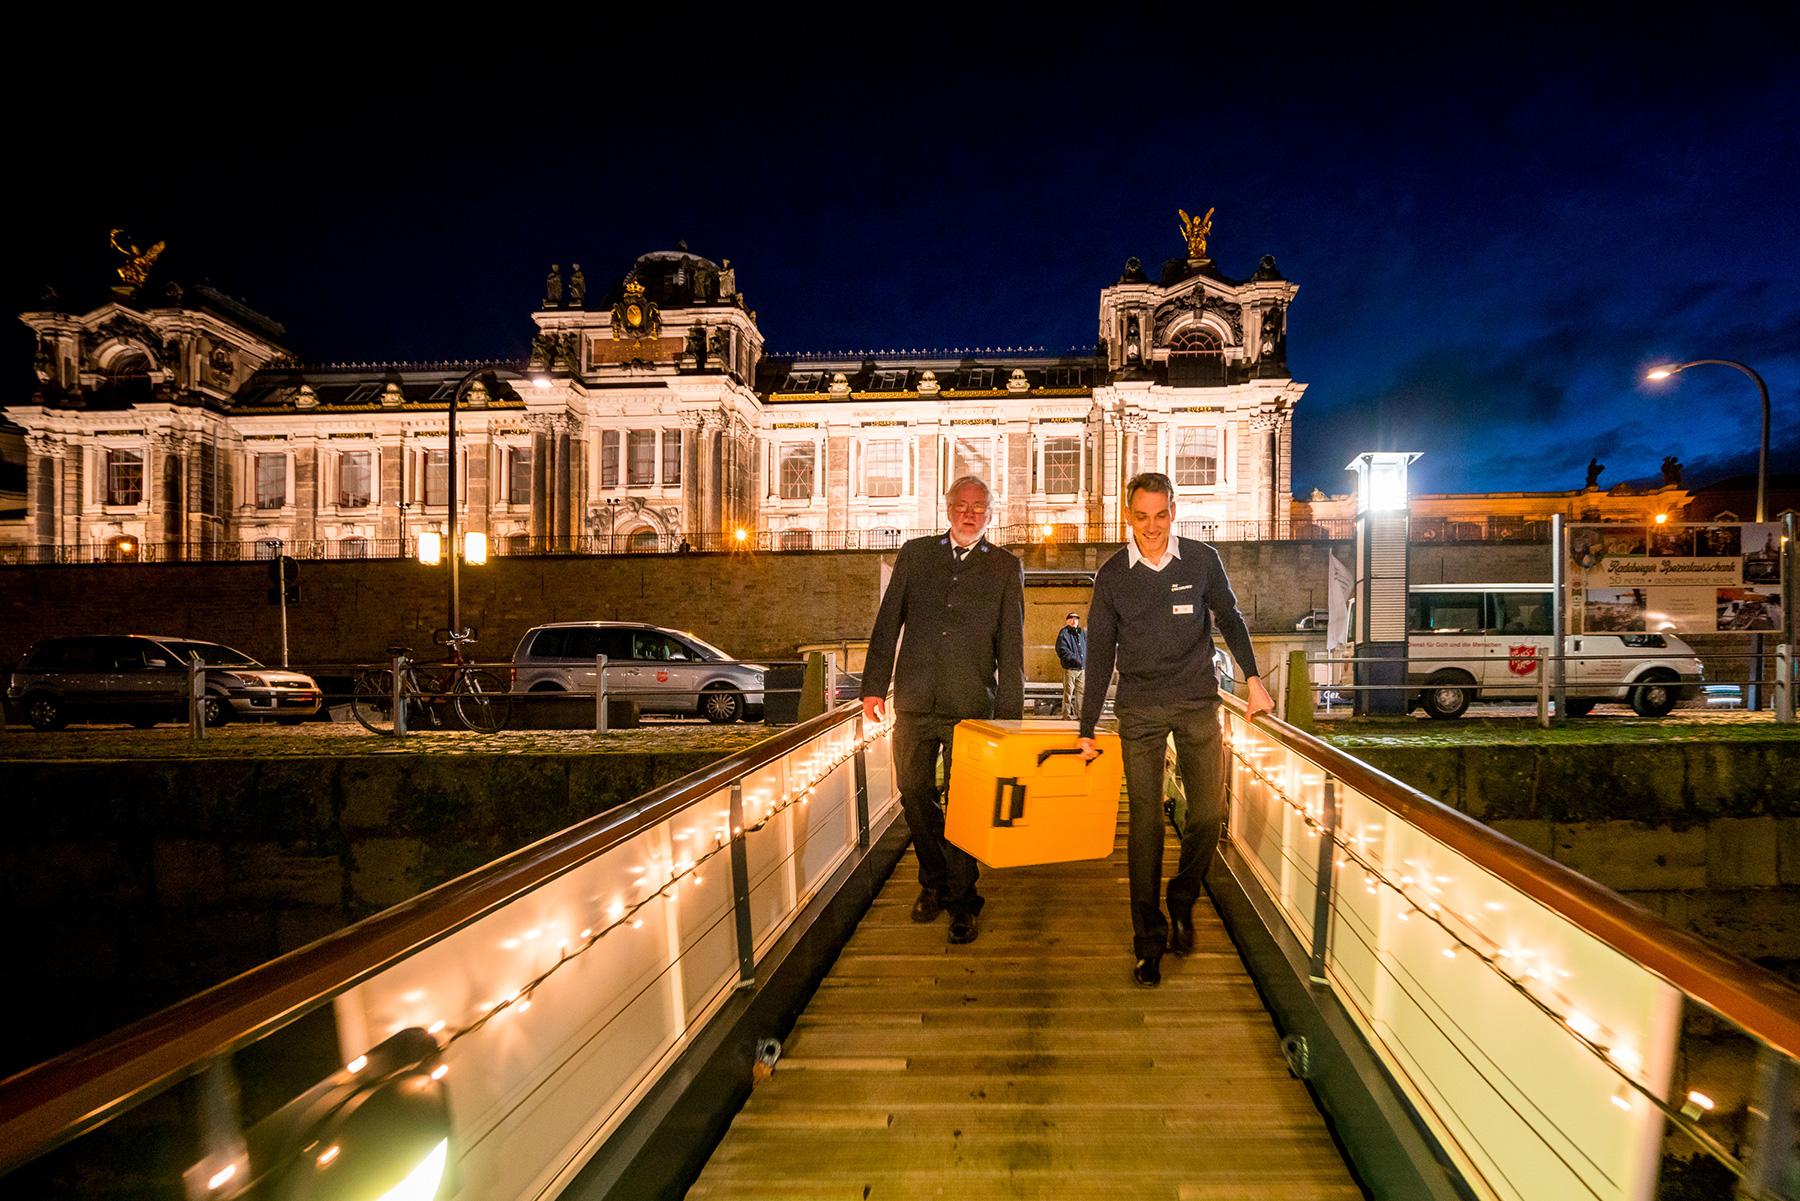 Dresden Weihnachten.Heiligabend In Dresden Auf Dem Elb Schiff Die Heilsarmee In